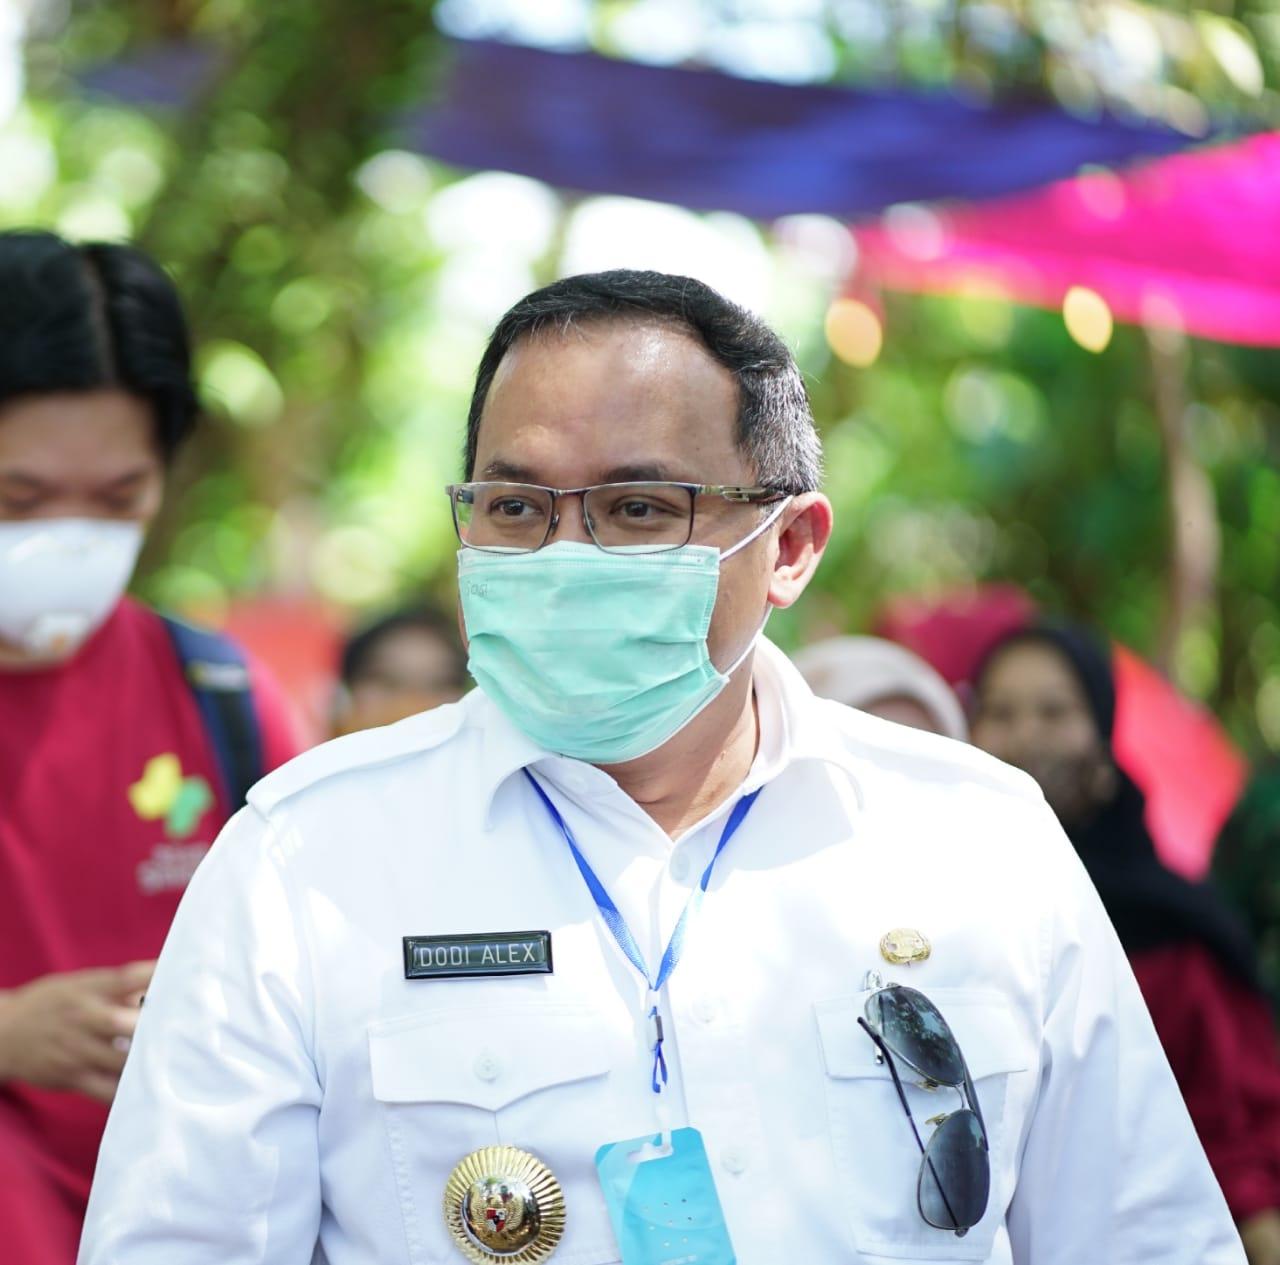 terpopuler-di-media-dengan-berita-positif-dra-diganjar-pr-indonesia-most-popular-leader-in-social-media-2020-muba223ud1599724403.jpg